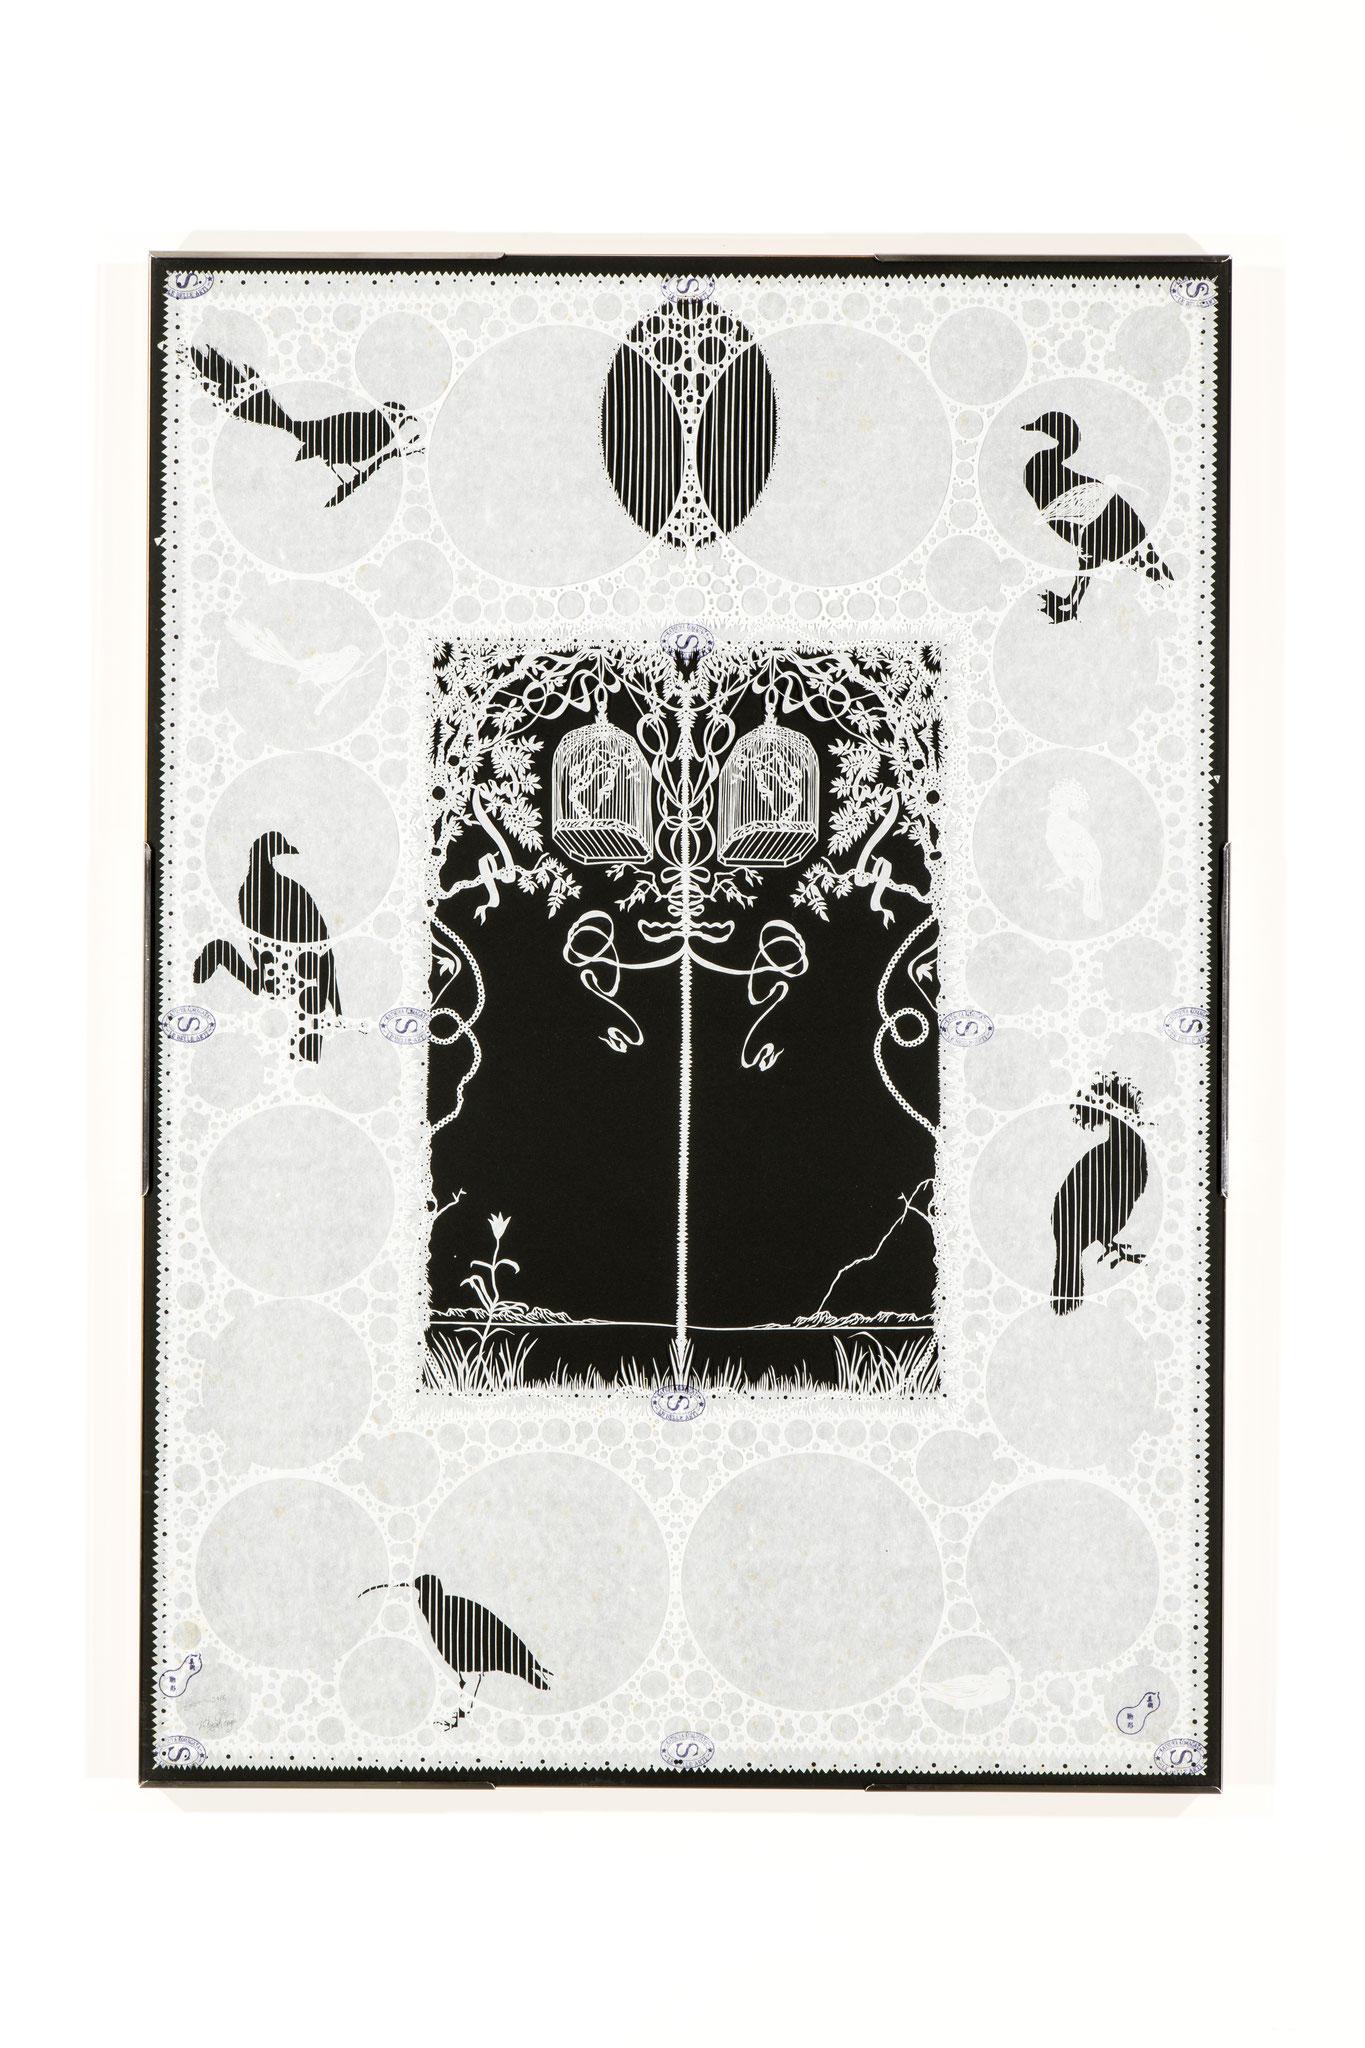 「楽園の鳥籠」 制作年不明(2,000年頃)切り紙細工、和紙、ガラス、103X73(cm)